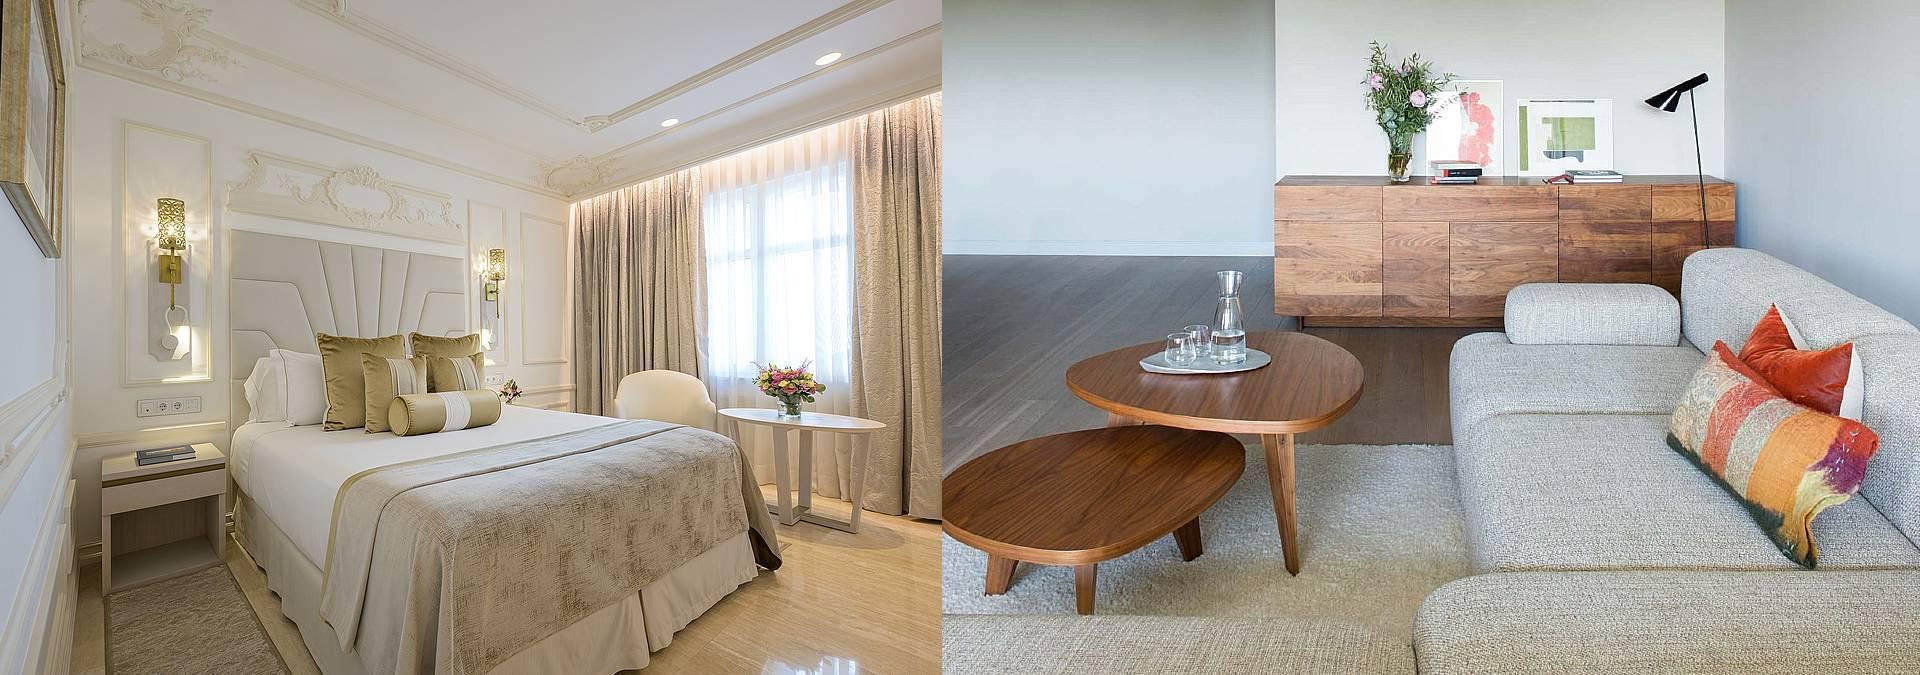 Dos estilos, dos hoteles: Gran Hotel Miramar (izqda.) y Alma Pamplona (dcha.).